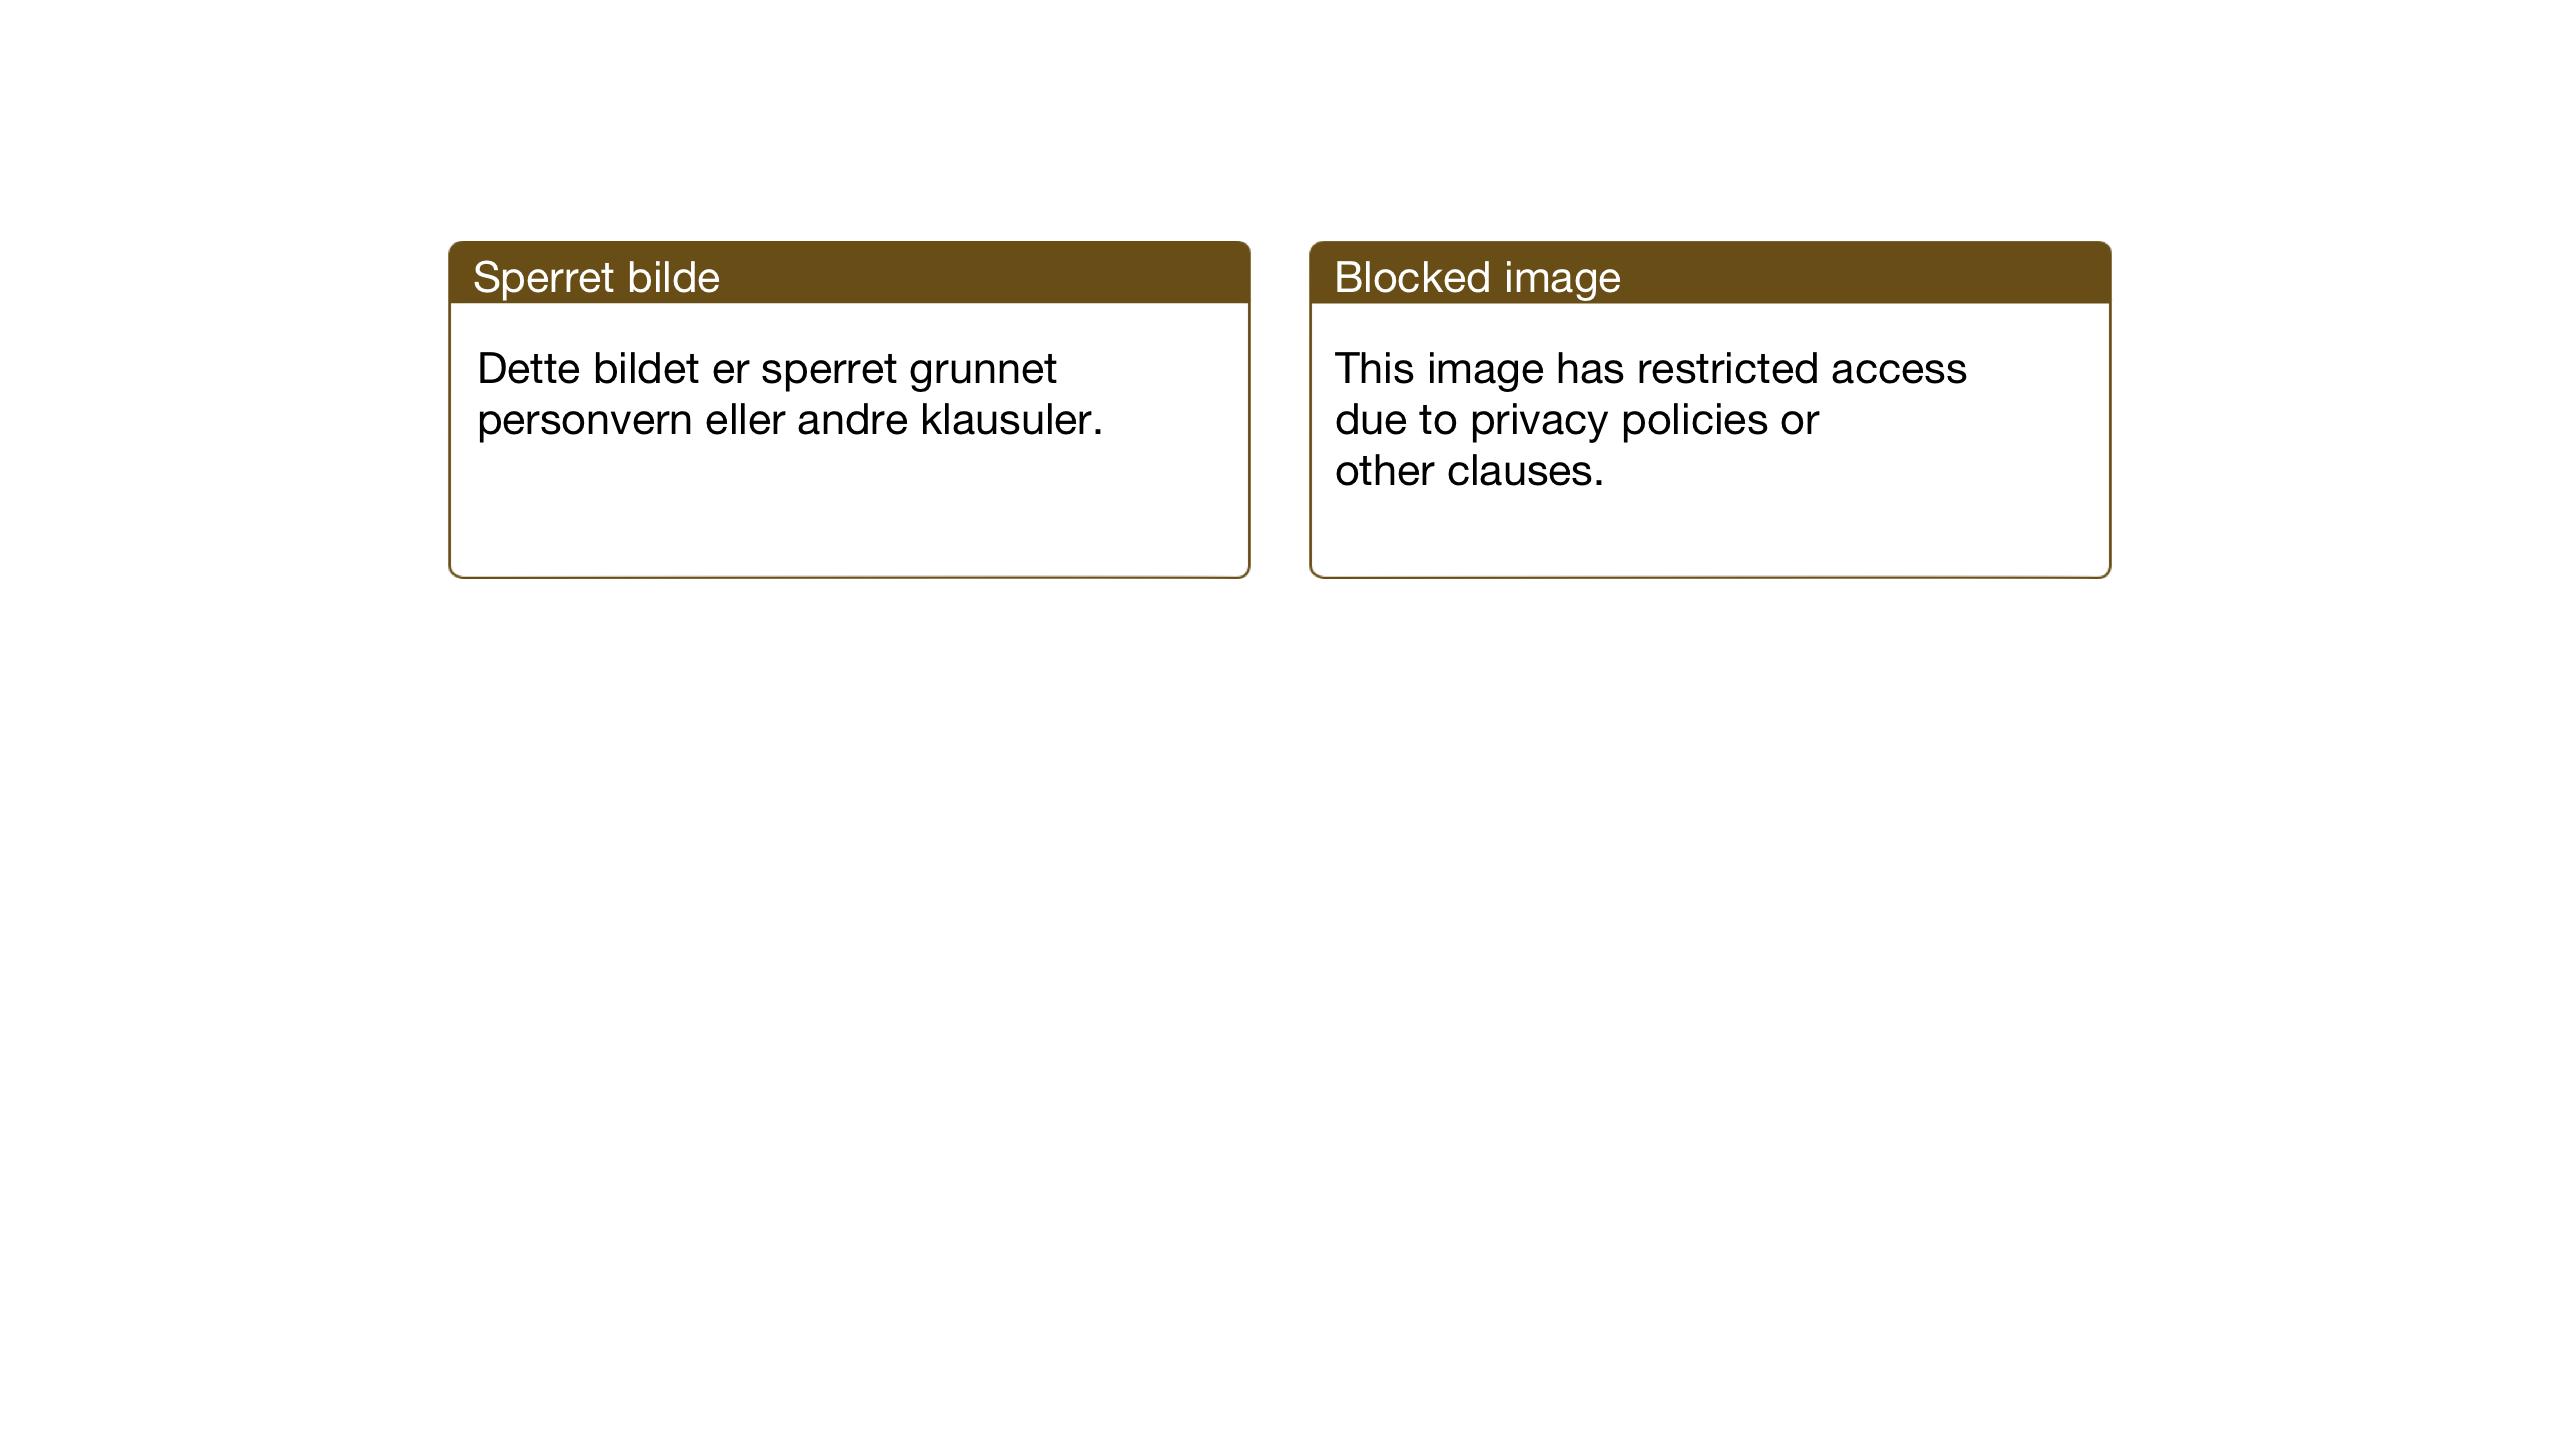 SAT, Ministerialprotokoller, klokkerbøker og fødselsregistre - Nord-Trøndelag, 748/L0465: Klokkerbok nr. 748C01, 1908-1960, s. 23